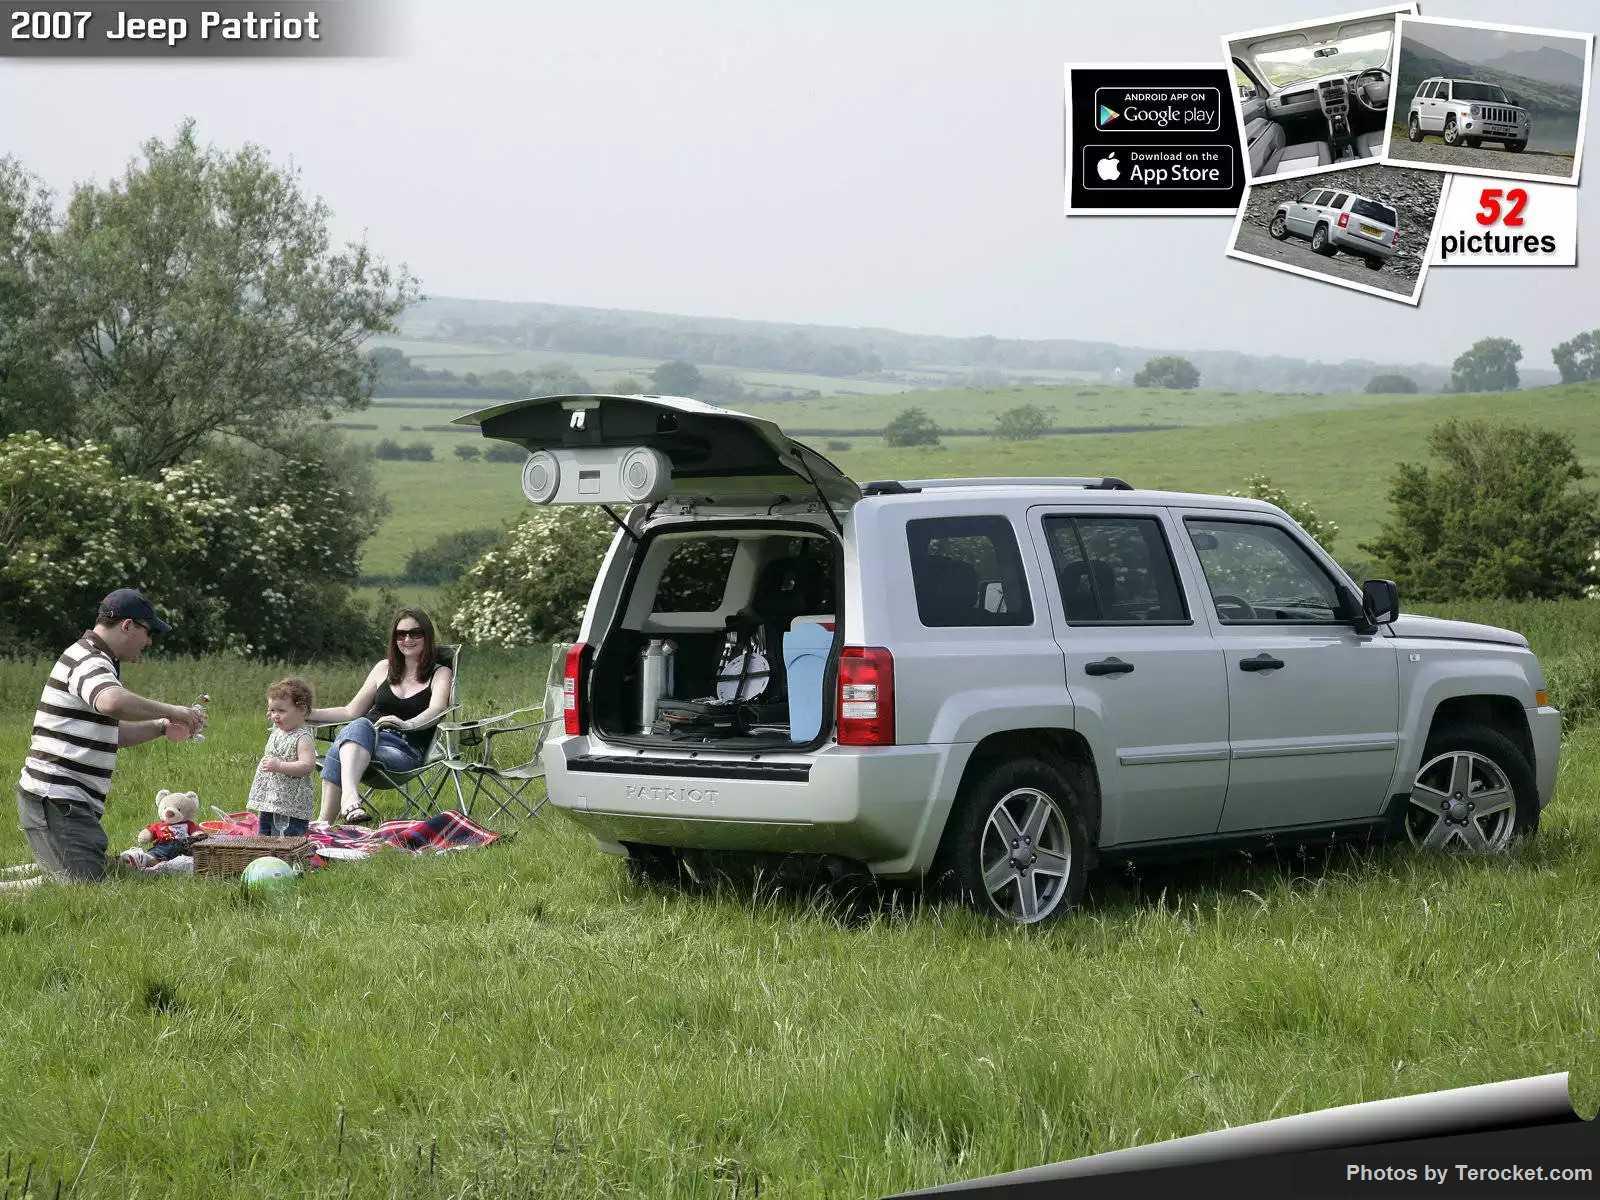 Hình ảnh xe ô tô Jeep Patriot UK Version 2007 & nội ngoại thất